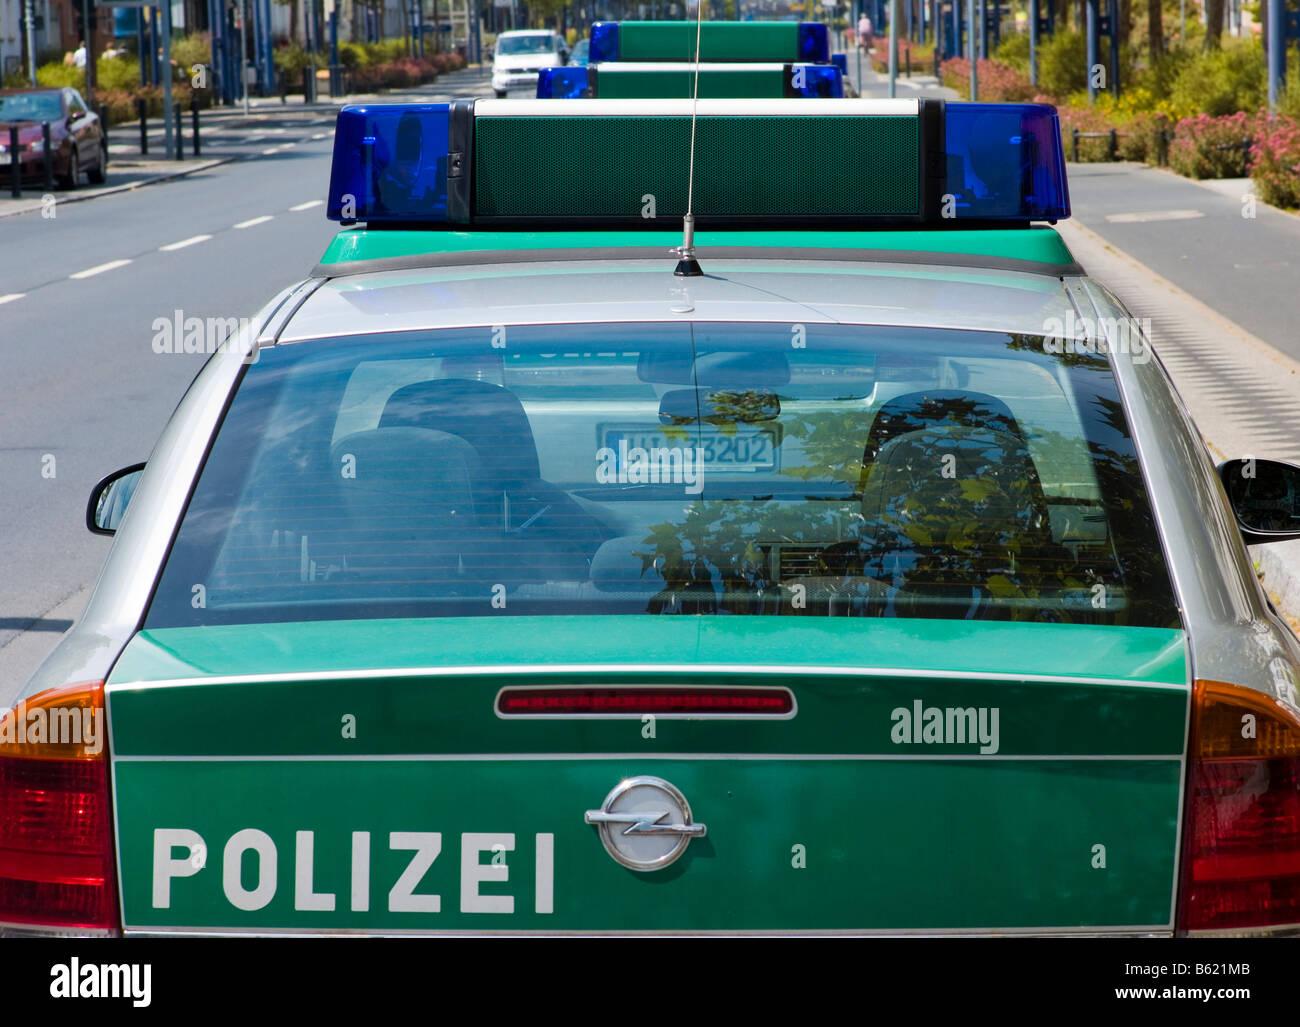 Polizeiautos, hintere Ansicht, Deutschland, Europa Stockbild